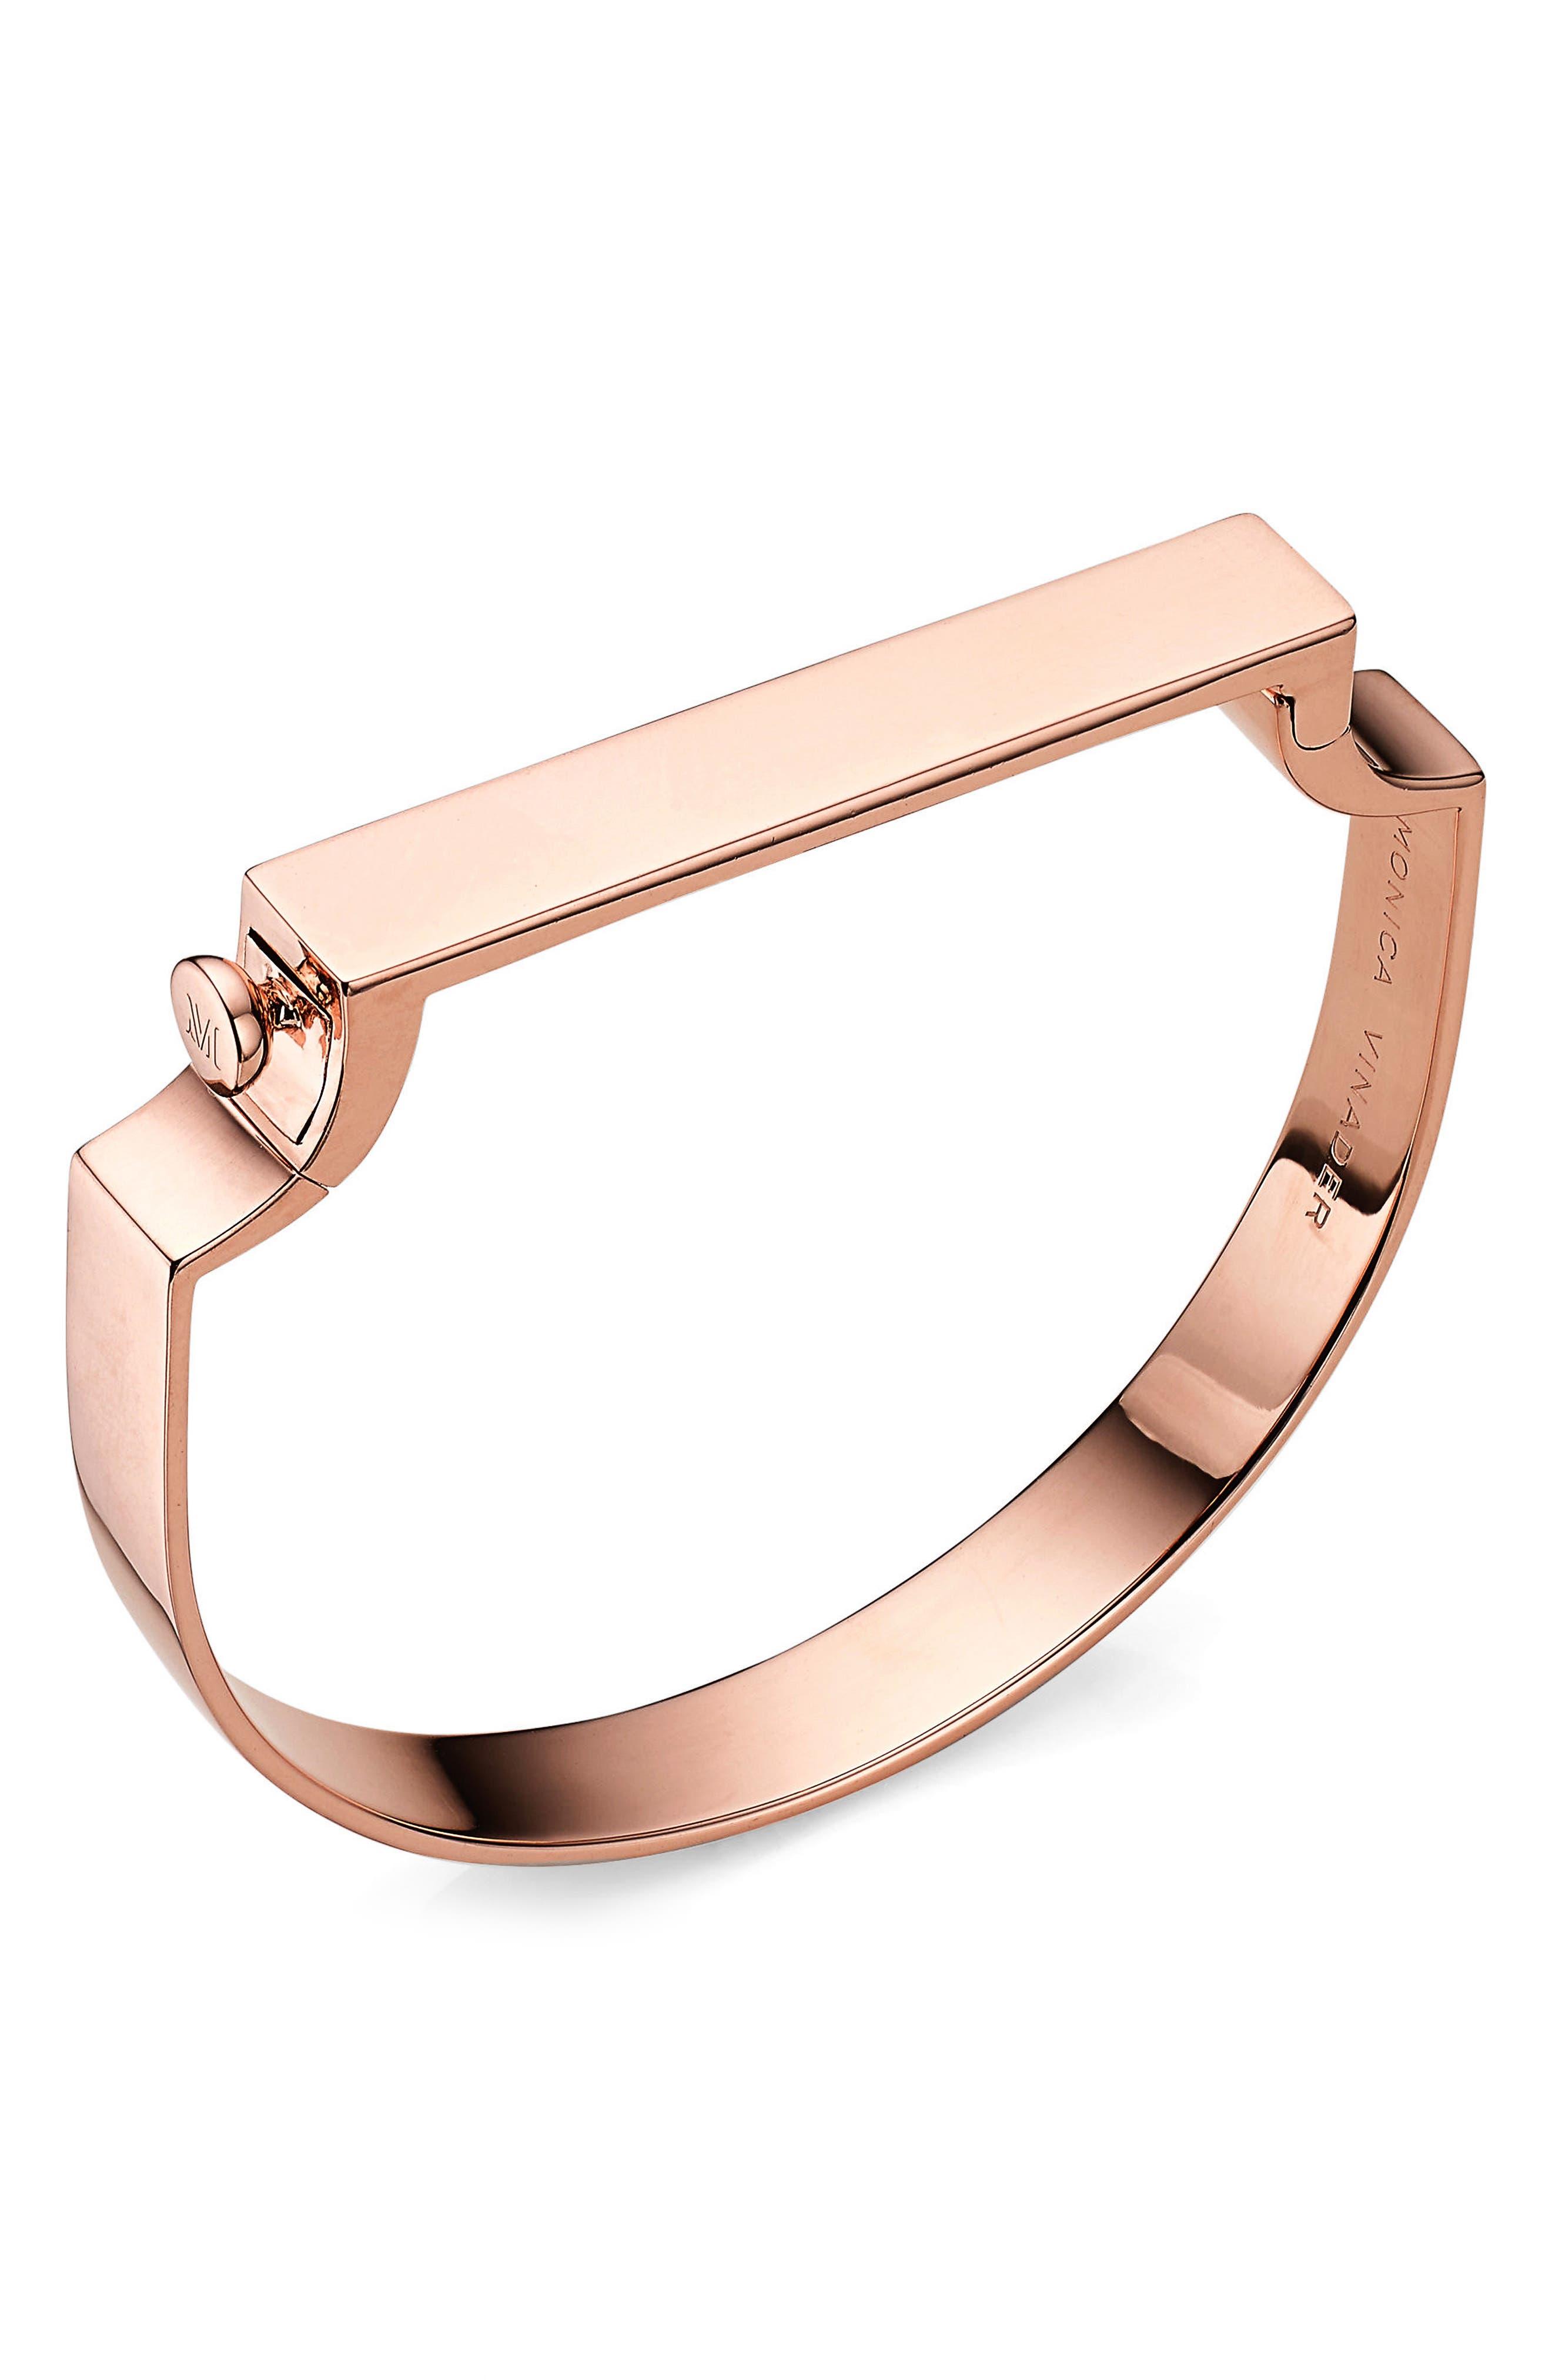 Engravable Large Signature Bracelet,                             Main thumbnail 1, color,                             Rose Gold